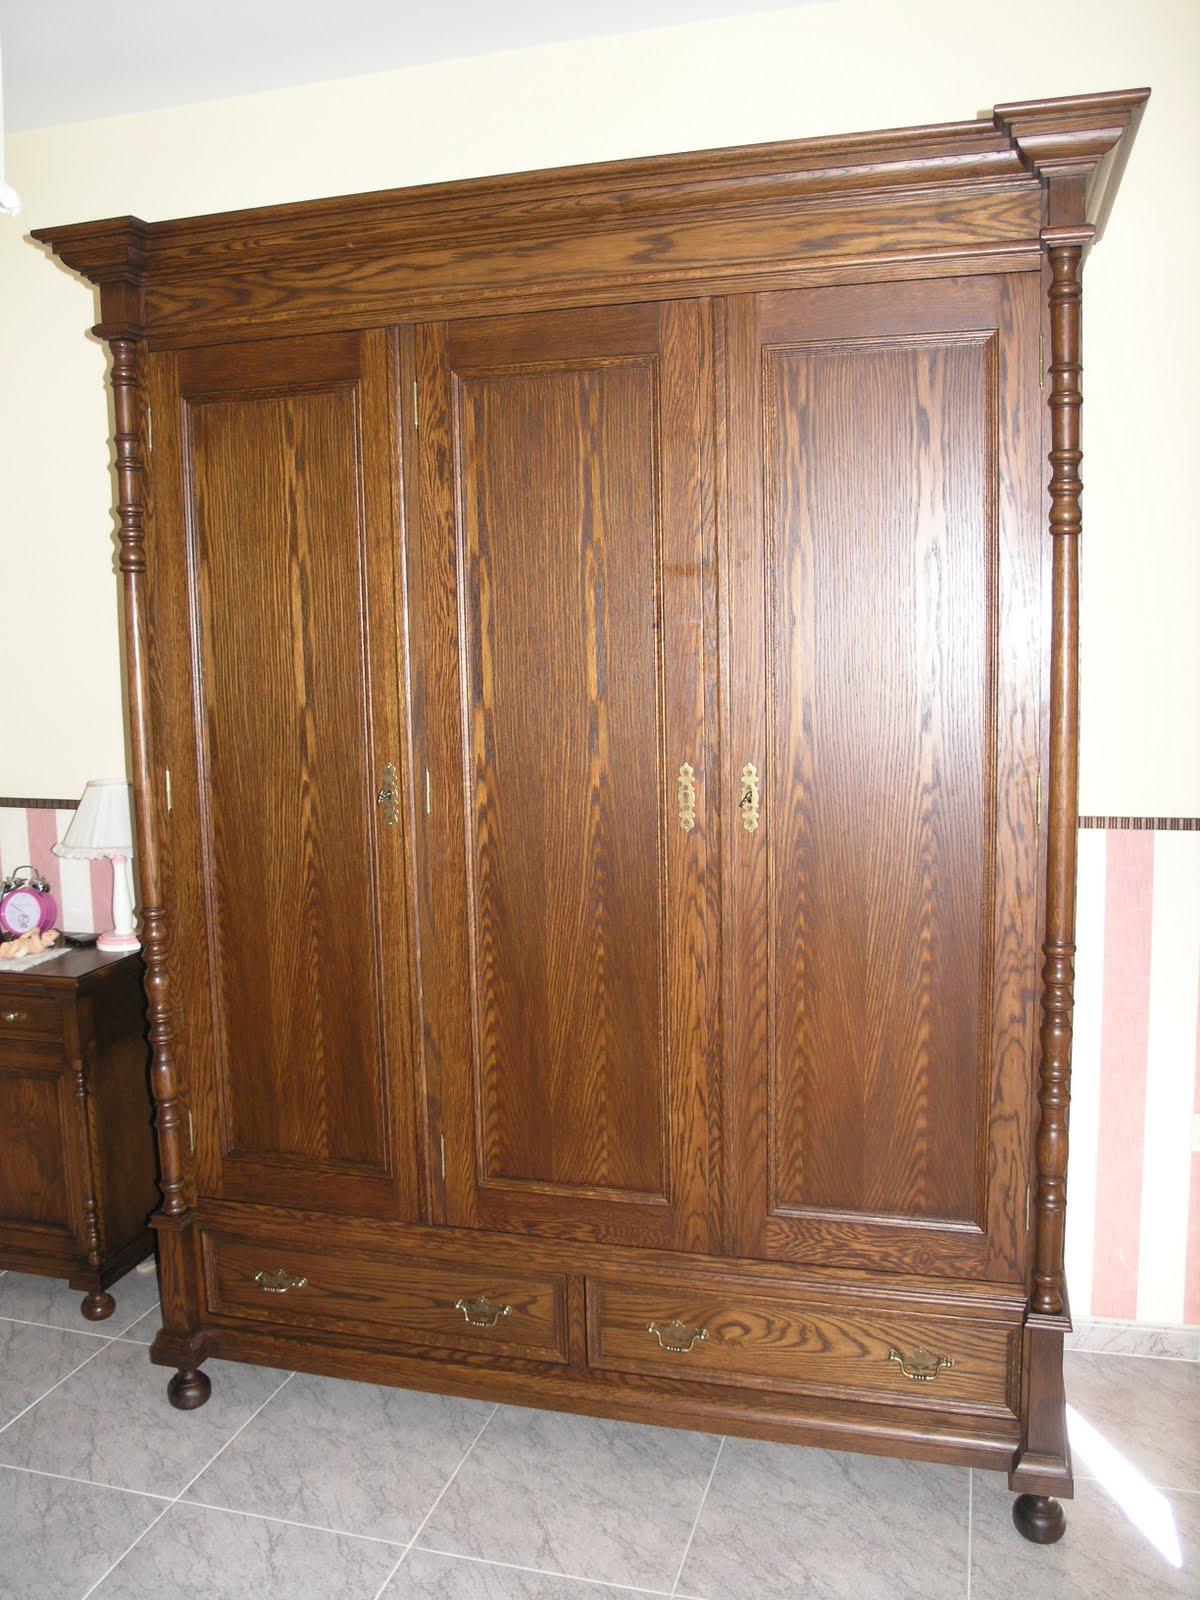 Rustical reproducci n del mueble antiguo roperos de 3 y for Roperos para dormitorios